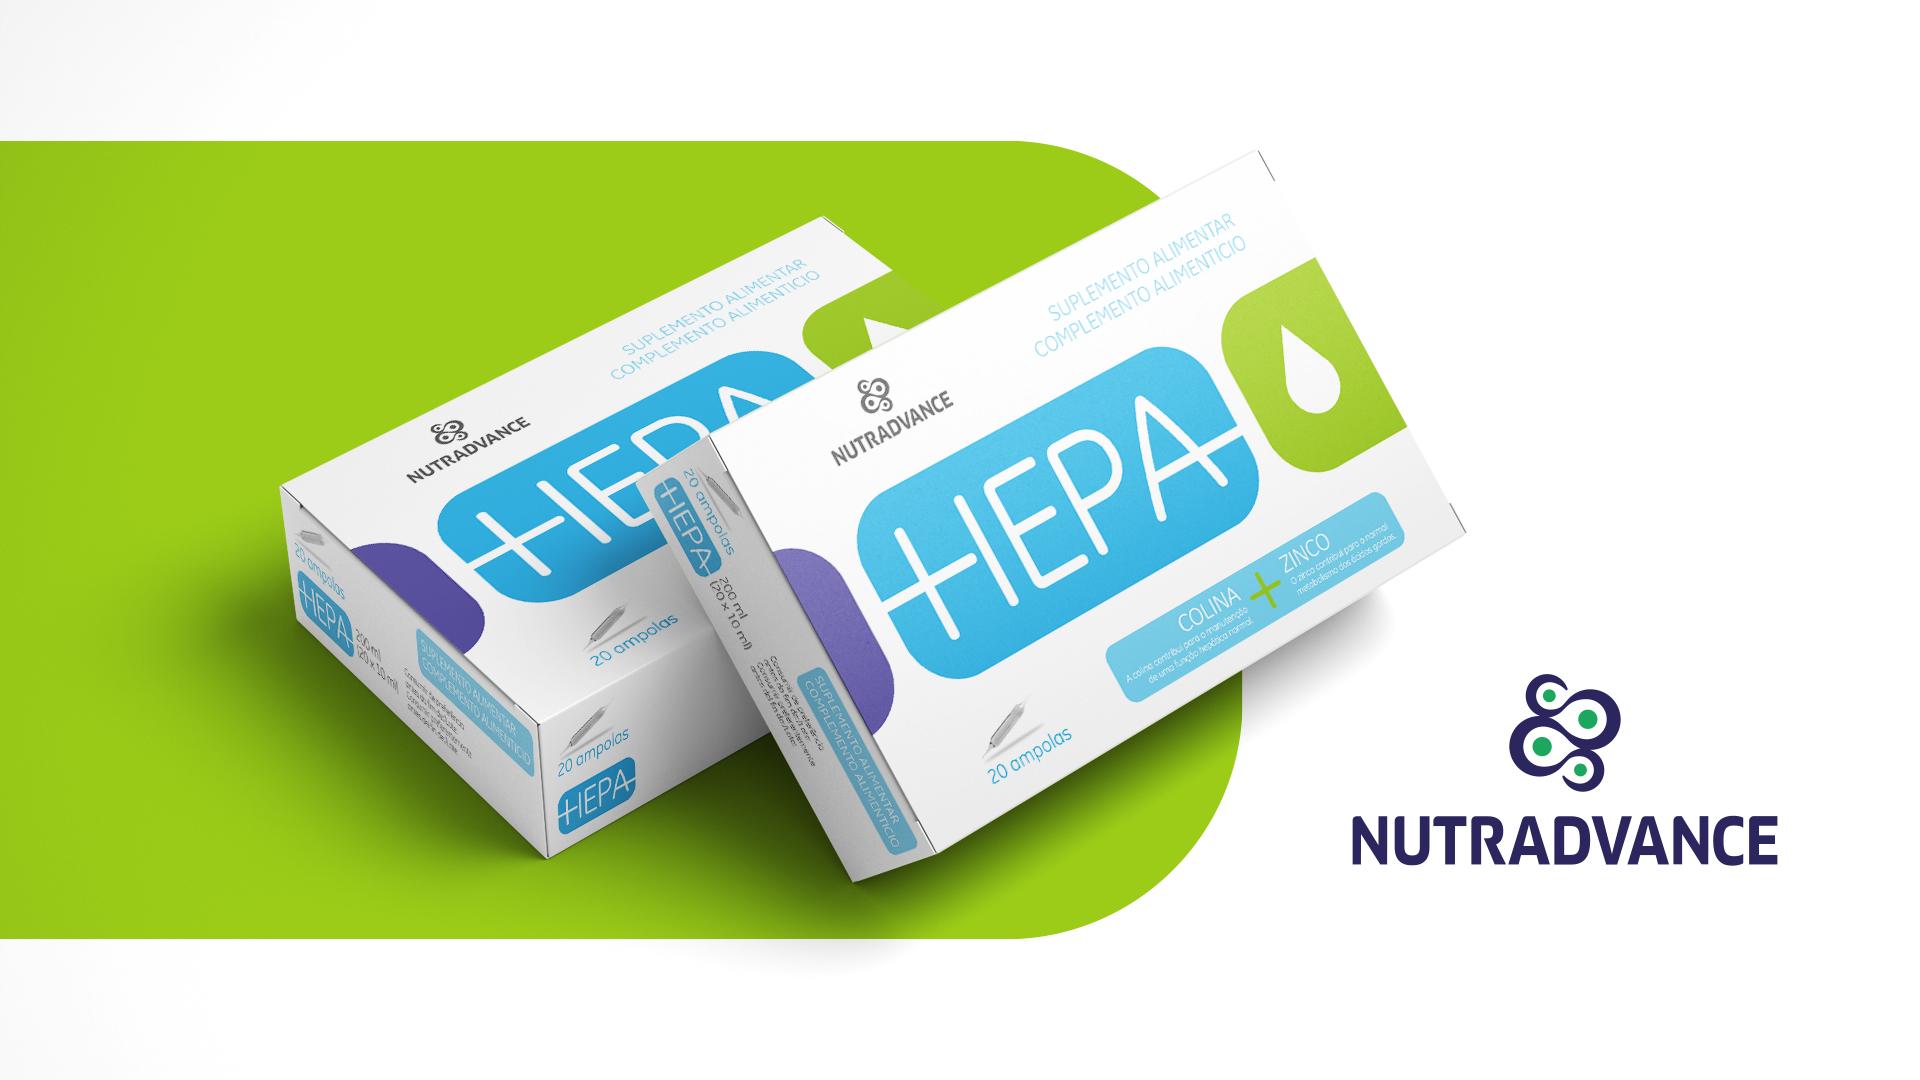 """Design de embalagem para suplemento alimentar """"Hepa"""" da Nutradvance"""